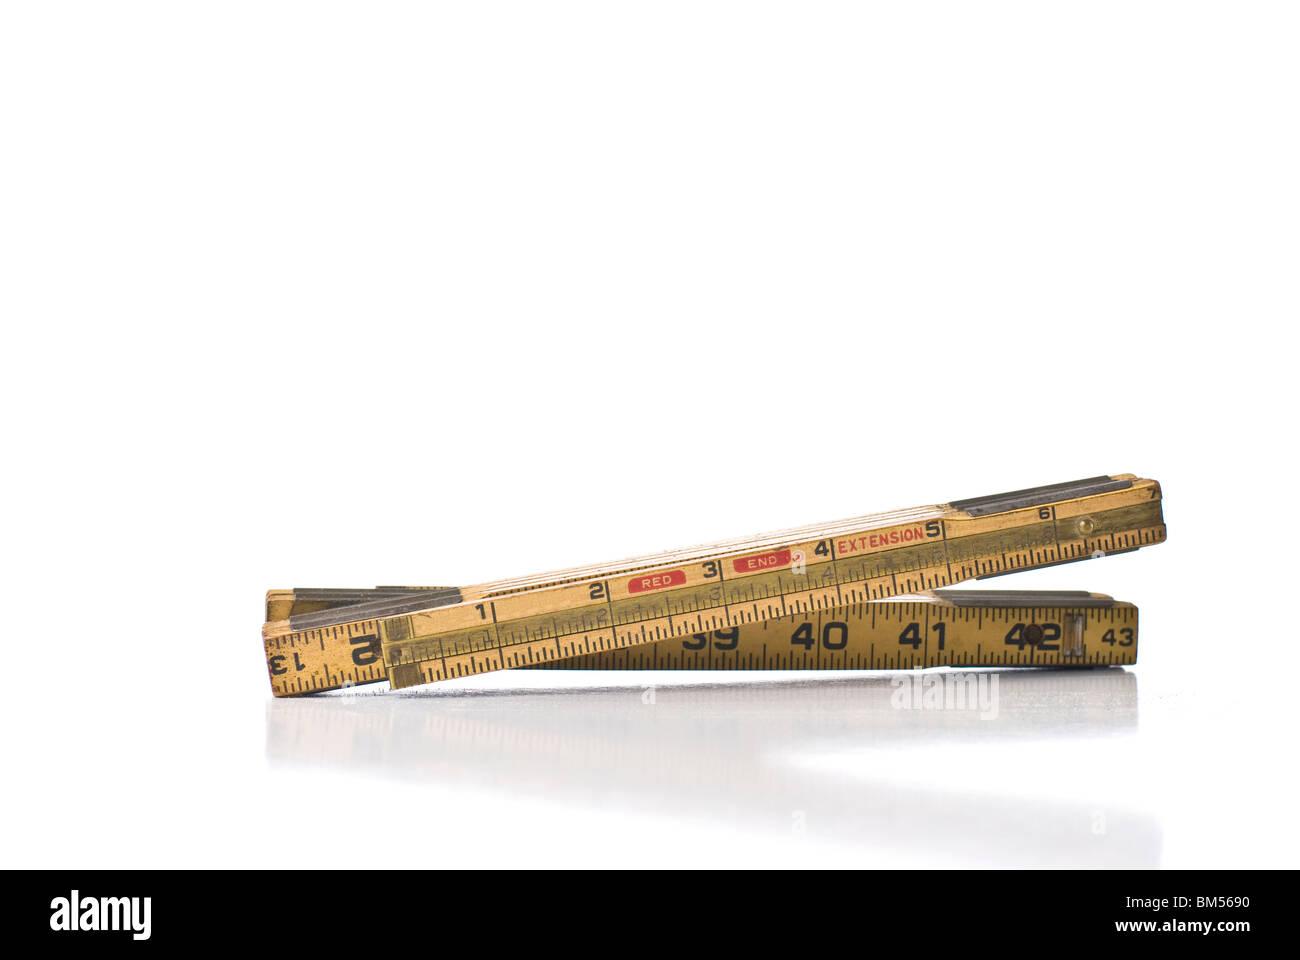 Folding carpenter's ruler - Stock Image